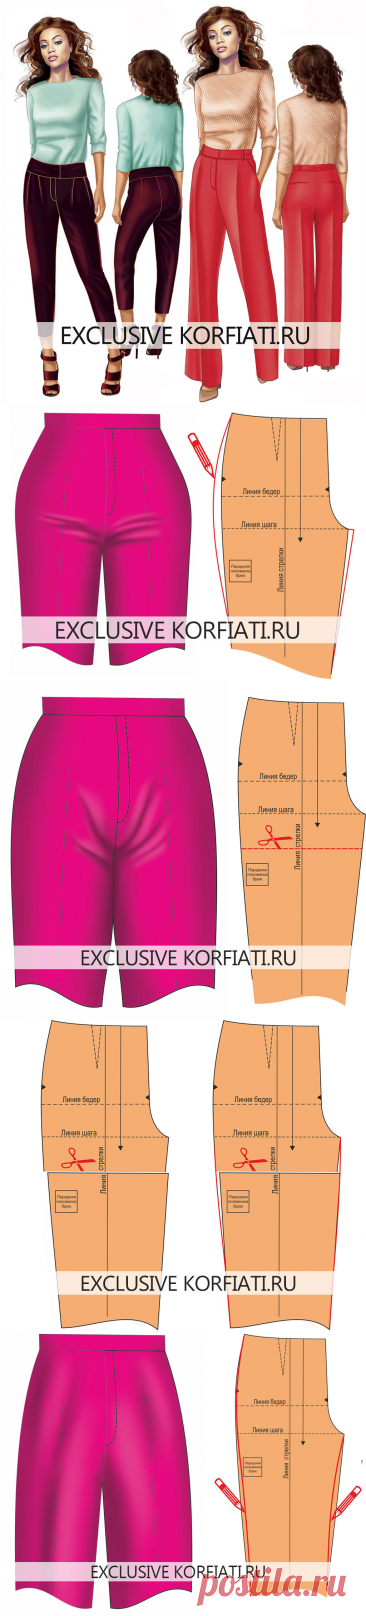 Дефекты посадки брюк и исправления - советы А. Корфиати